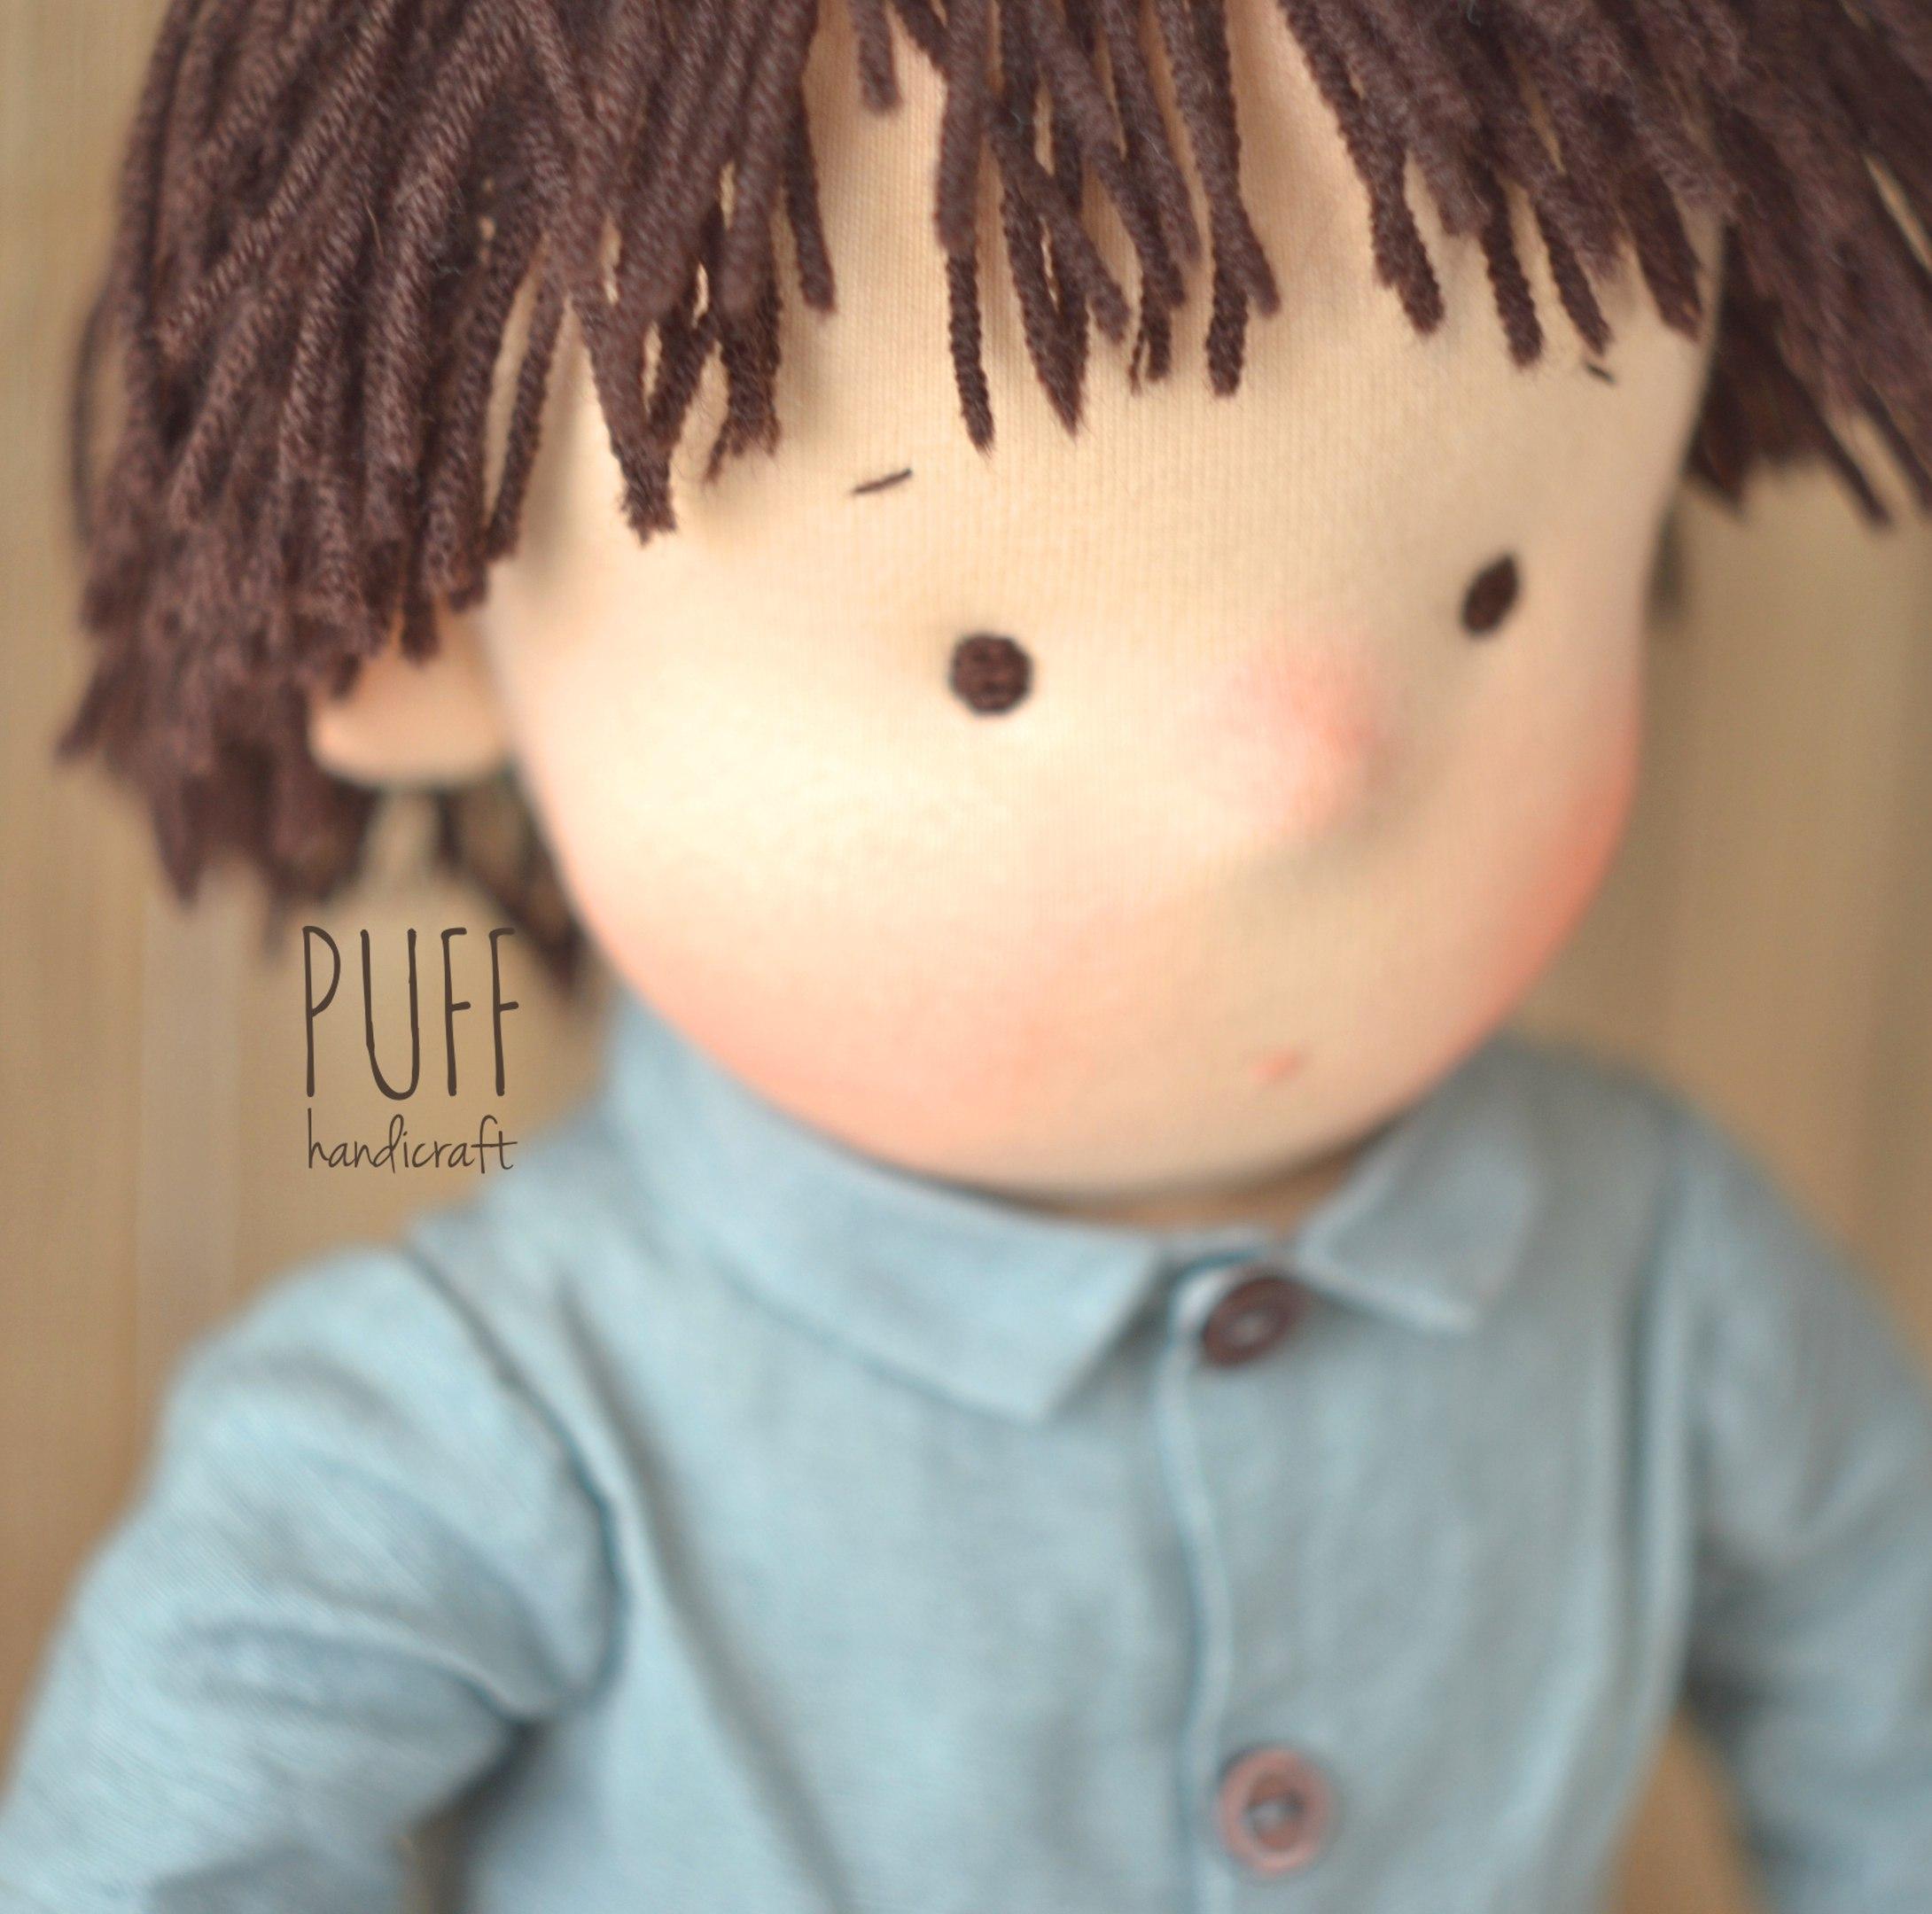 вальдорфская кукла мальчик, вальдорфская кукла купить, вальдорфская кукла купить украина, вальдорфская кукла купить в интернет-магазине, где купить вальдорфскую куклу, купить вальдорфскую куклу ручной работы, купить текстильную куклу ручной работы